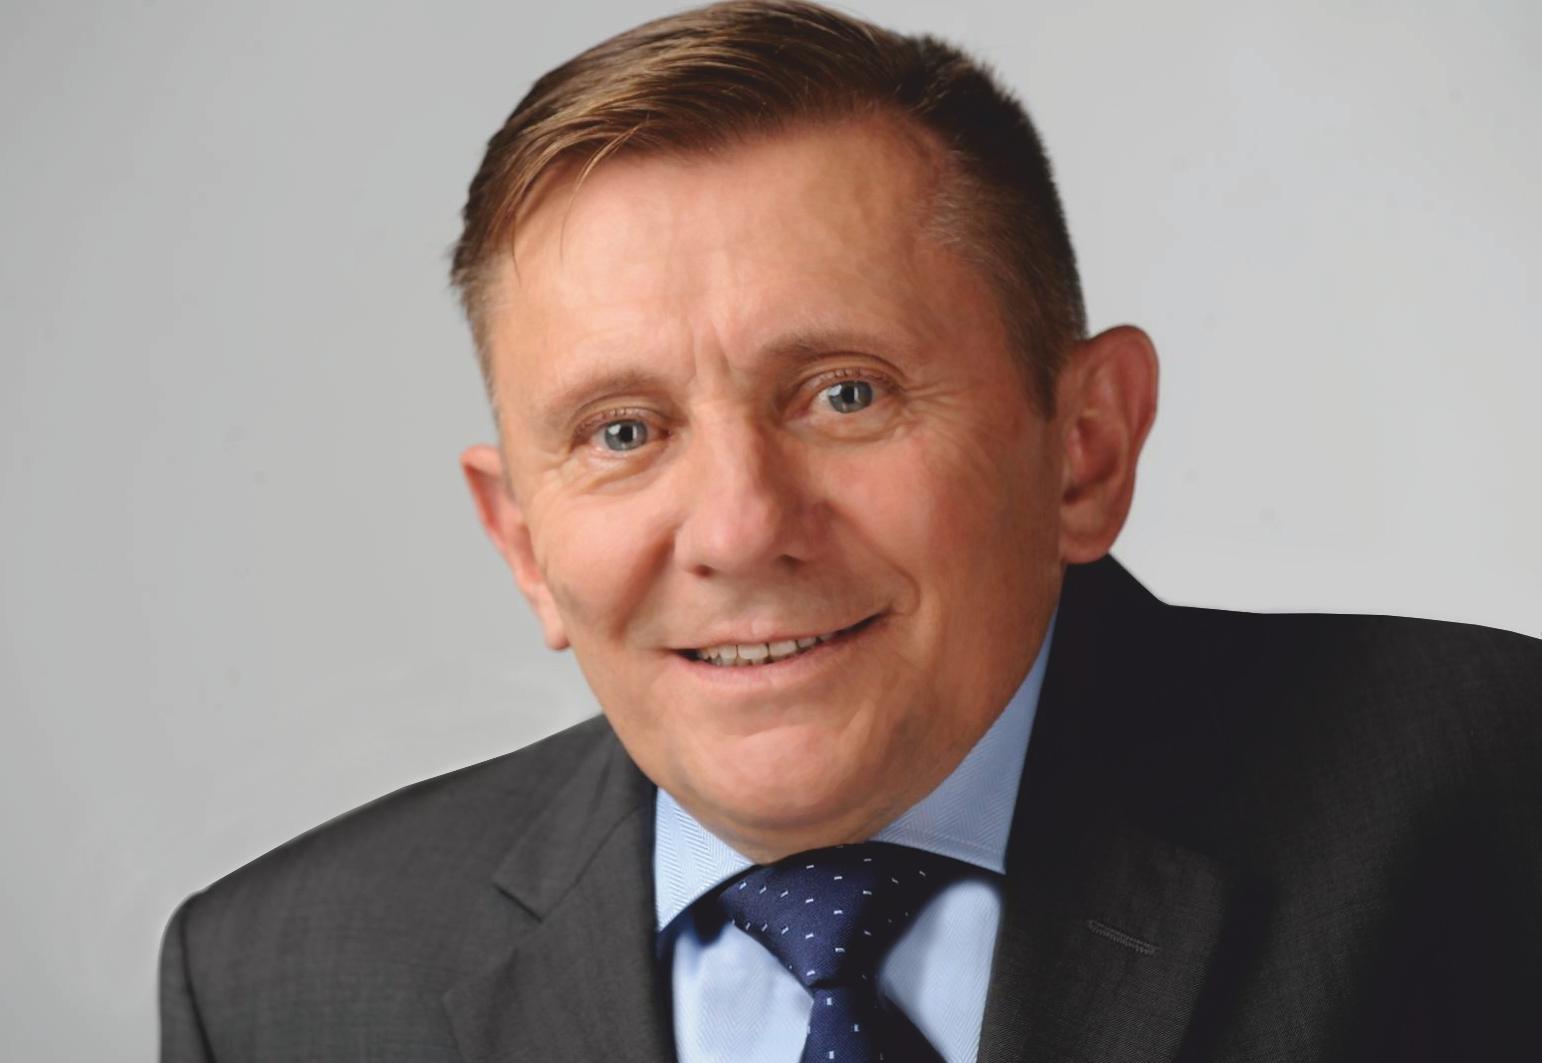 Józef Grzegorz Kurek pełni funkcję Burmistrza Miasta Mszczonowa nieprzerwanie od 1990 roku. Natomiast już w 1988 r. został mianowany naczelnikiem Mszczonowa. (fot. UM Mszczonów)